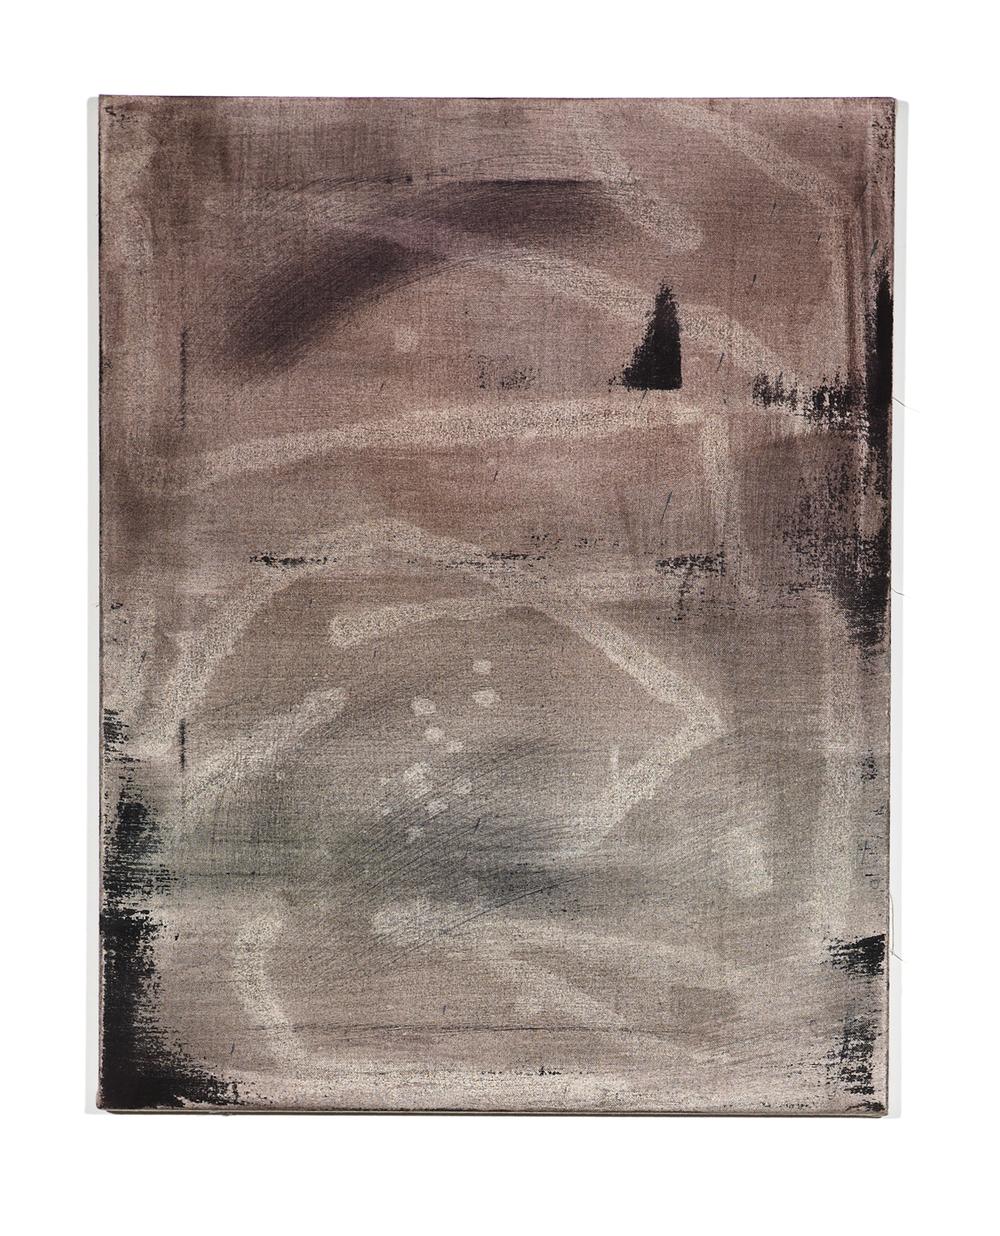 Martin Aagaard Hansen.Nogod, nogod, nogod, 2014, ink, water colour, terpentine, binder, 70 cm x 55 cm